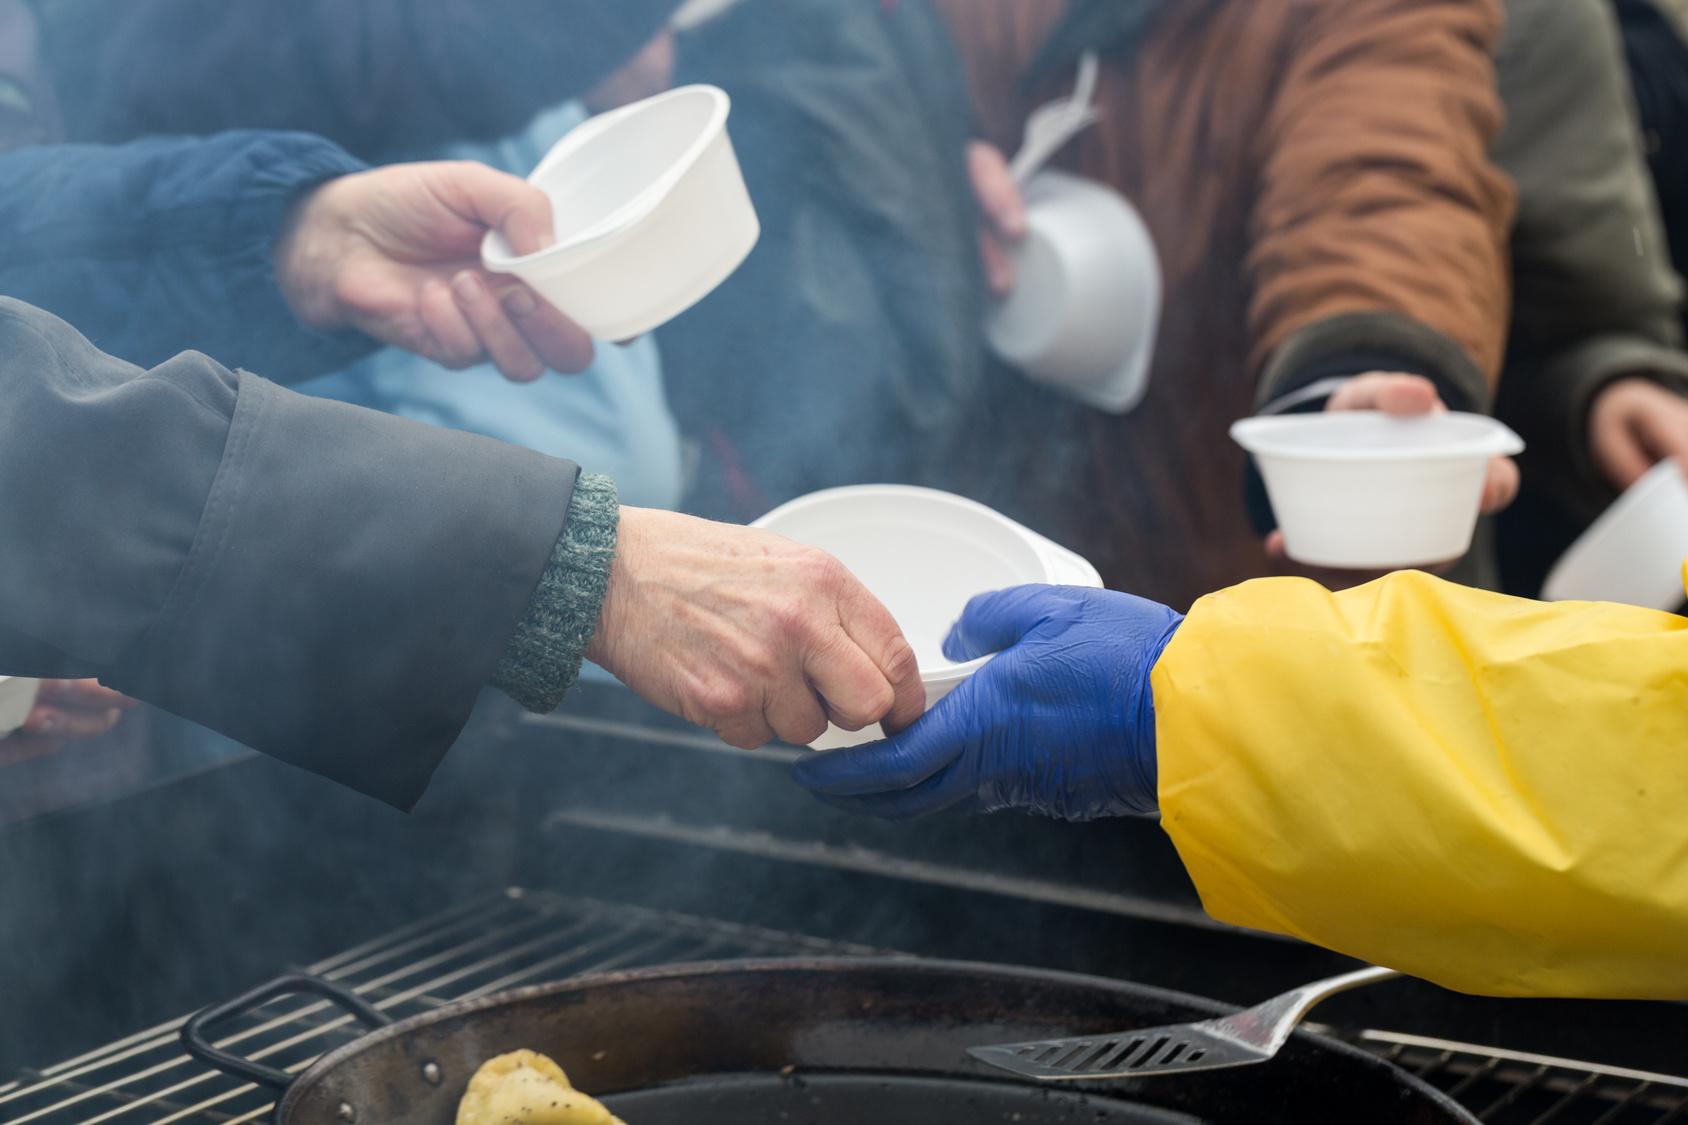 bezdomny bezdomni zupa ogrzewanie - Archiwum